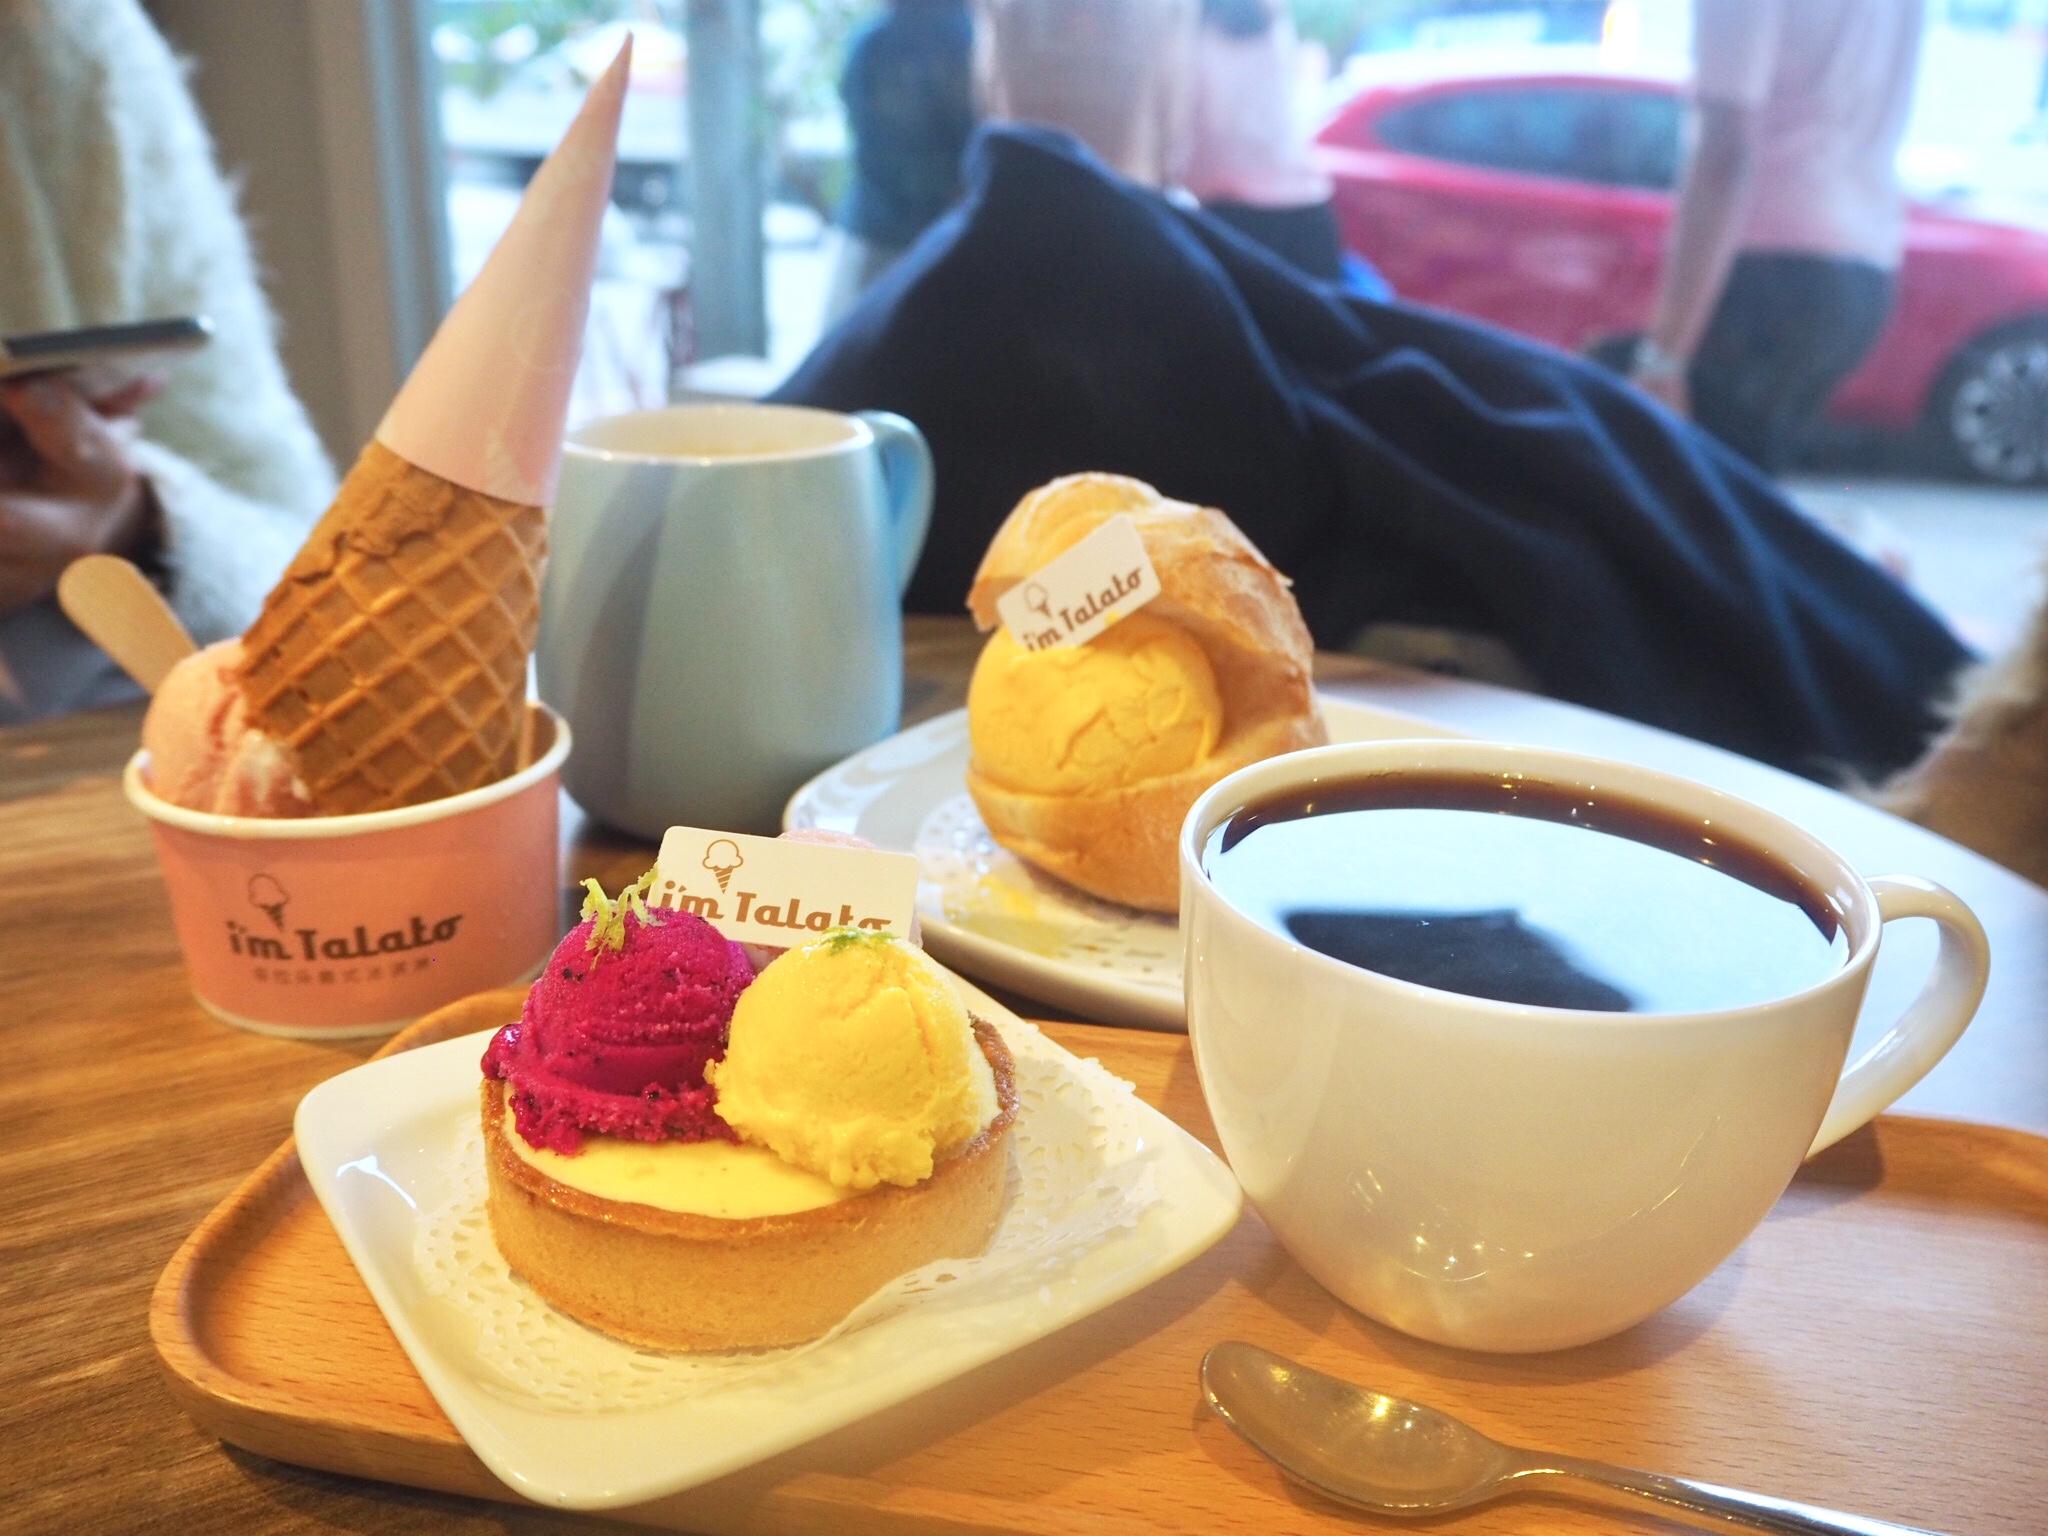 《台湾女子旅》新幹線で台中へ!アイスクリームに溺れるカフェ『I'm talato』_2